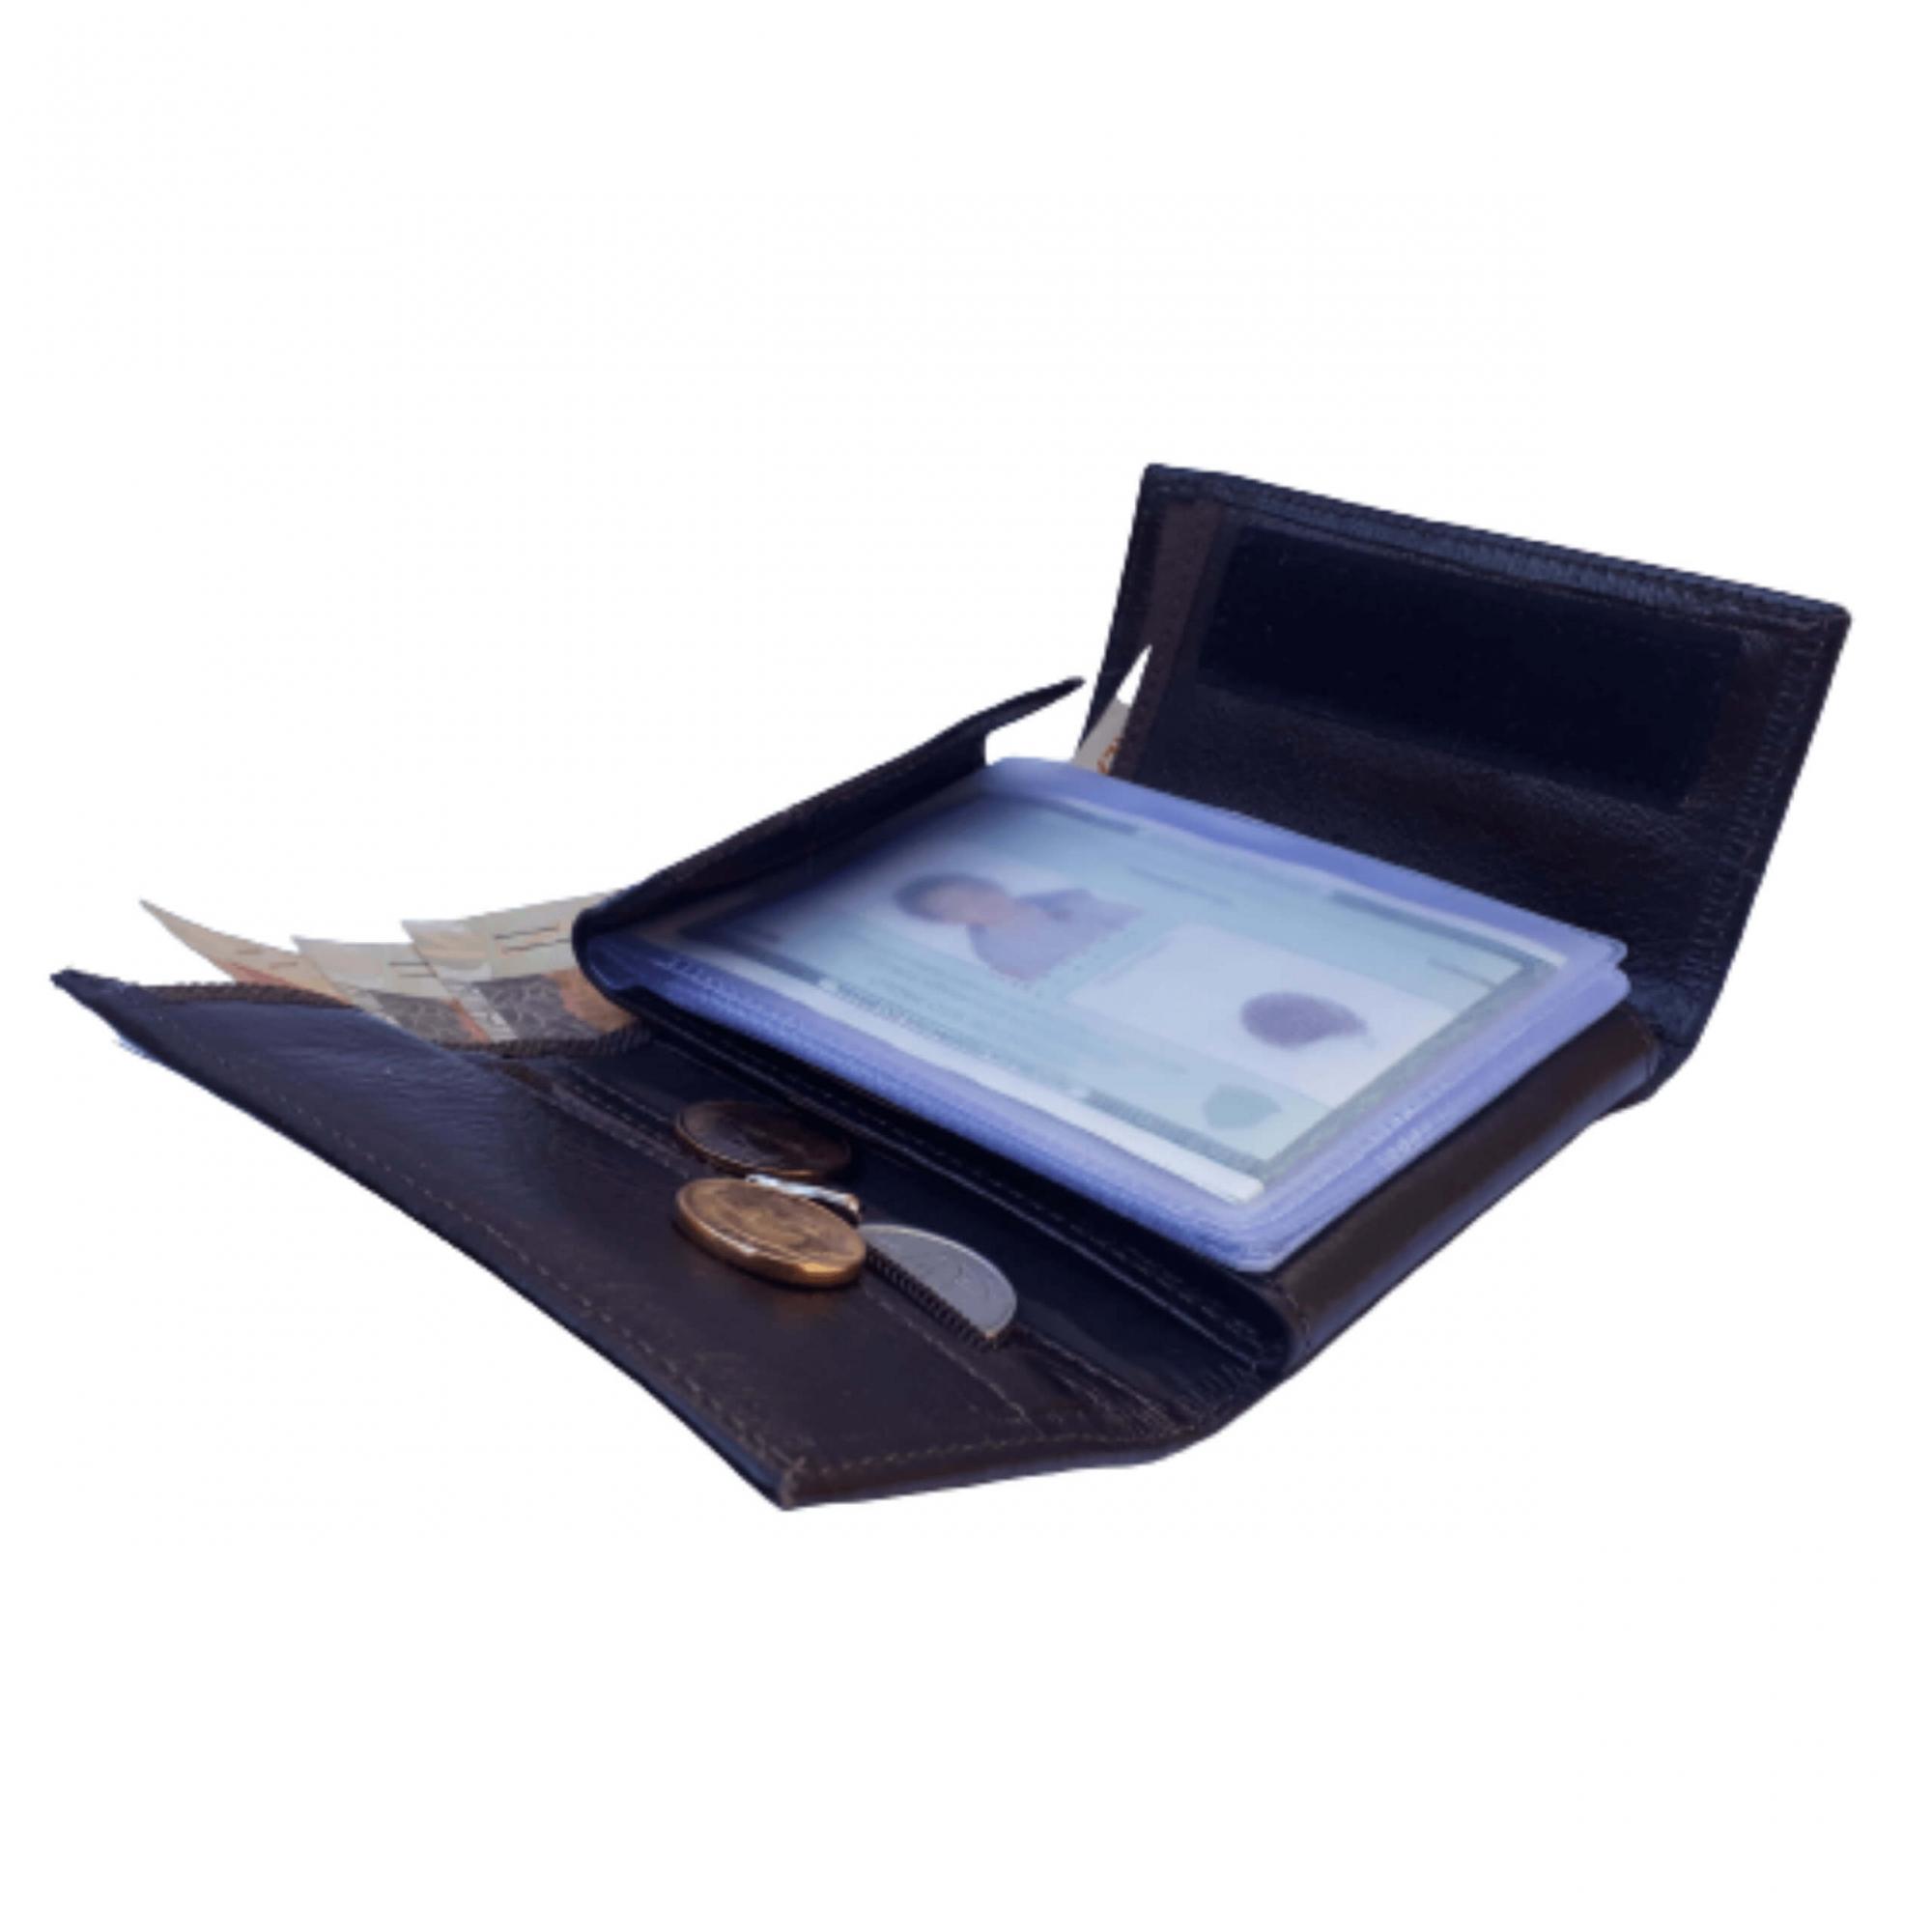 Carteira de couro masculina fecho moderno Porta cartão moedas RG Marrom